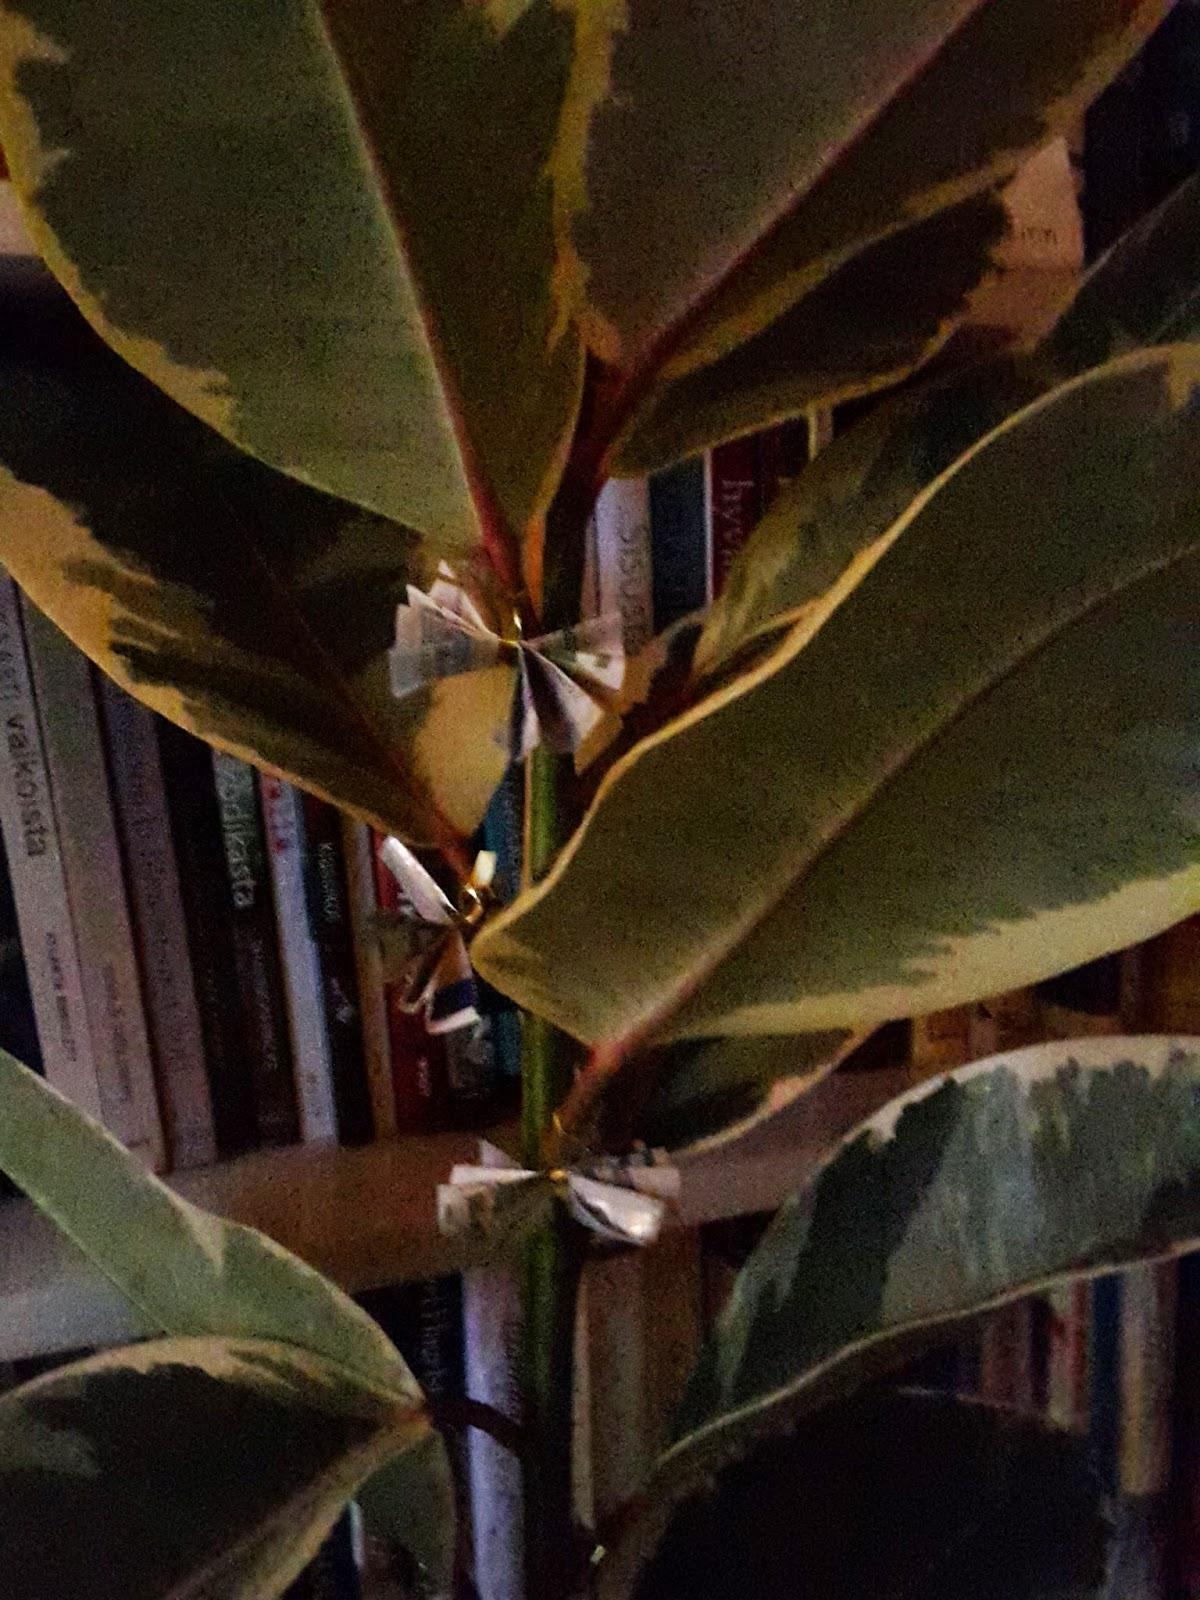 lettujen paistaminen oliiviöljyssä